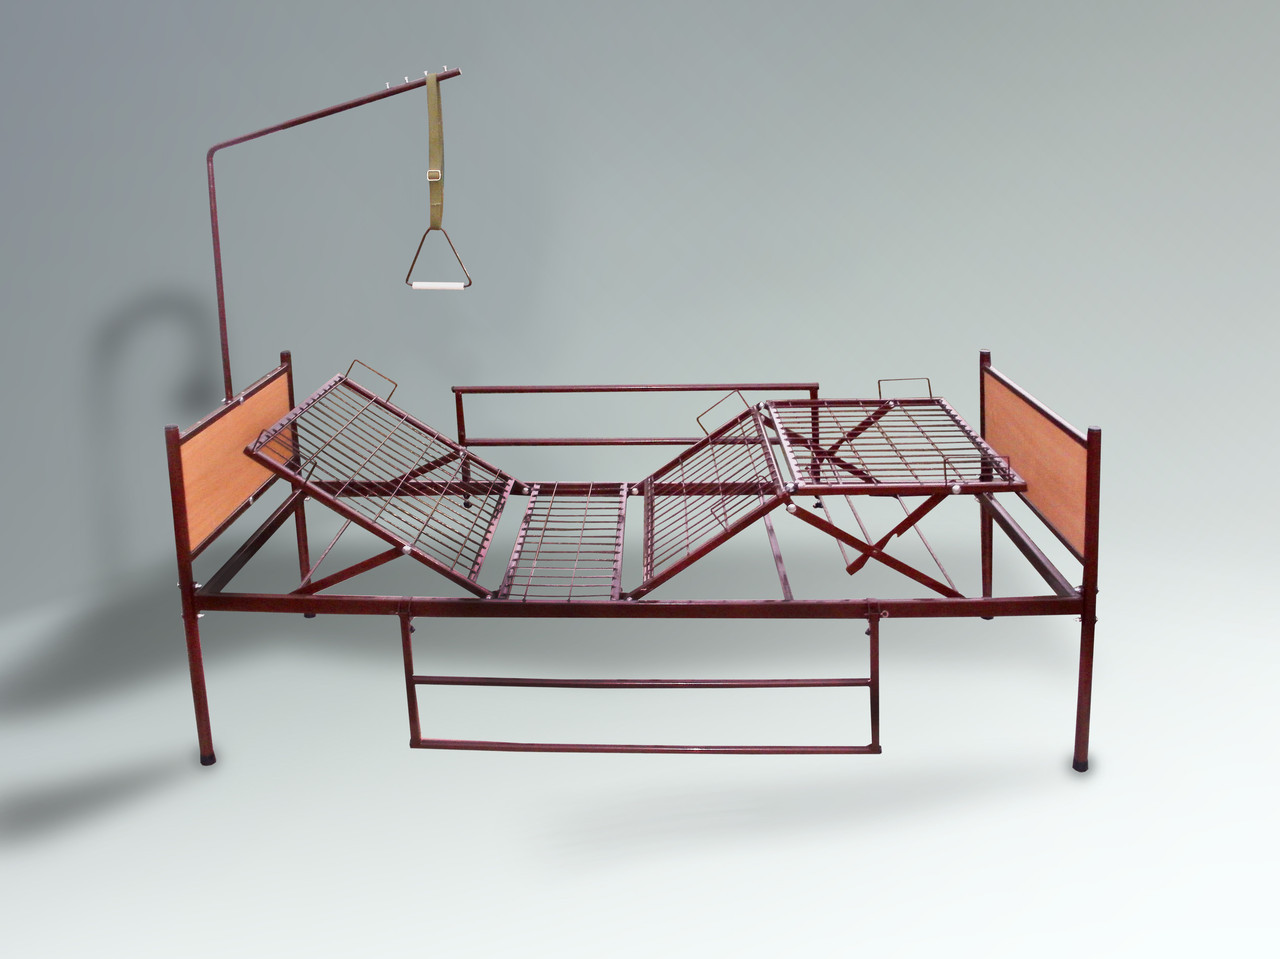 Аренда медицинской функциональной четырехсекционной кровати на колесах для лежачих больных